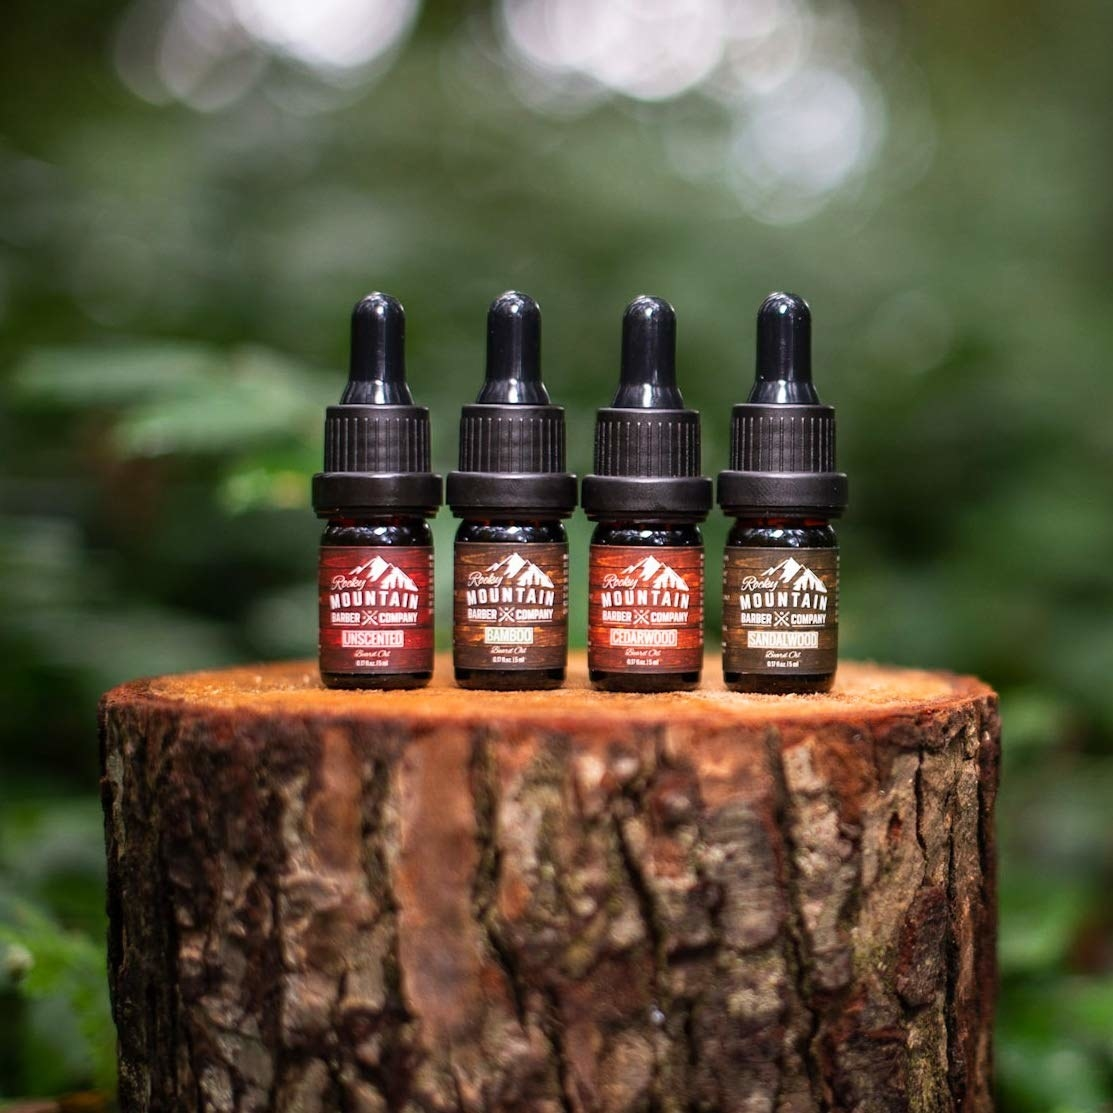 Four bottles of beard oil on a log